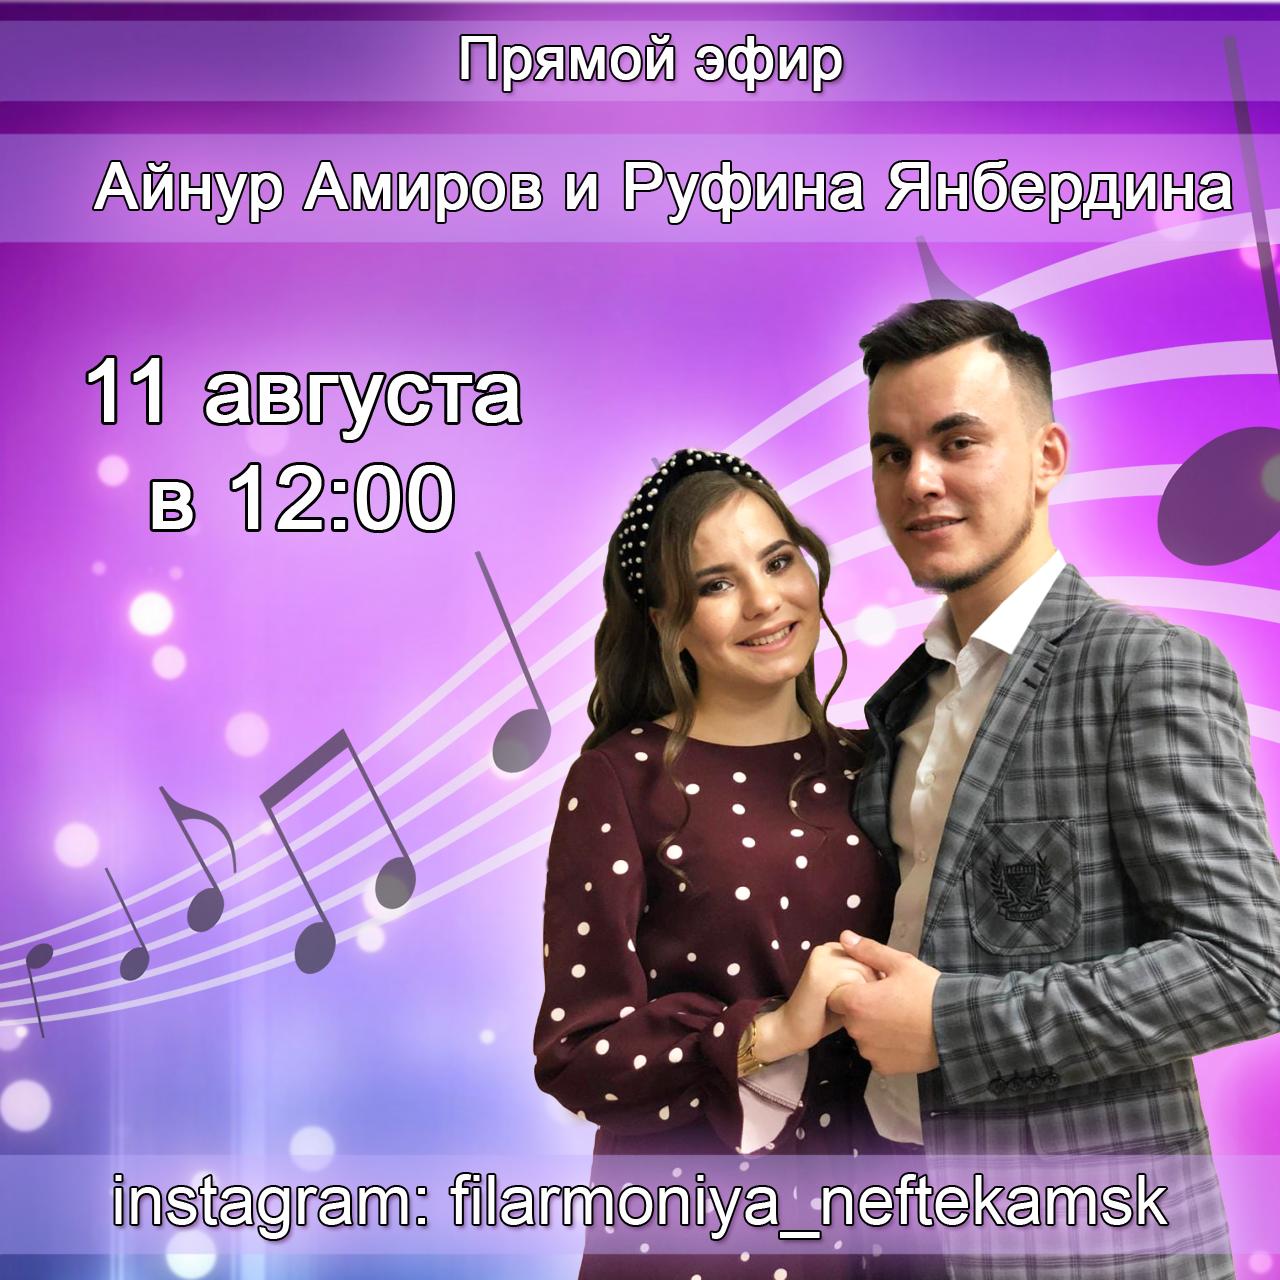 Прямой эфир Руфины Янбердиной и Айнура Амирова